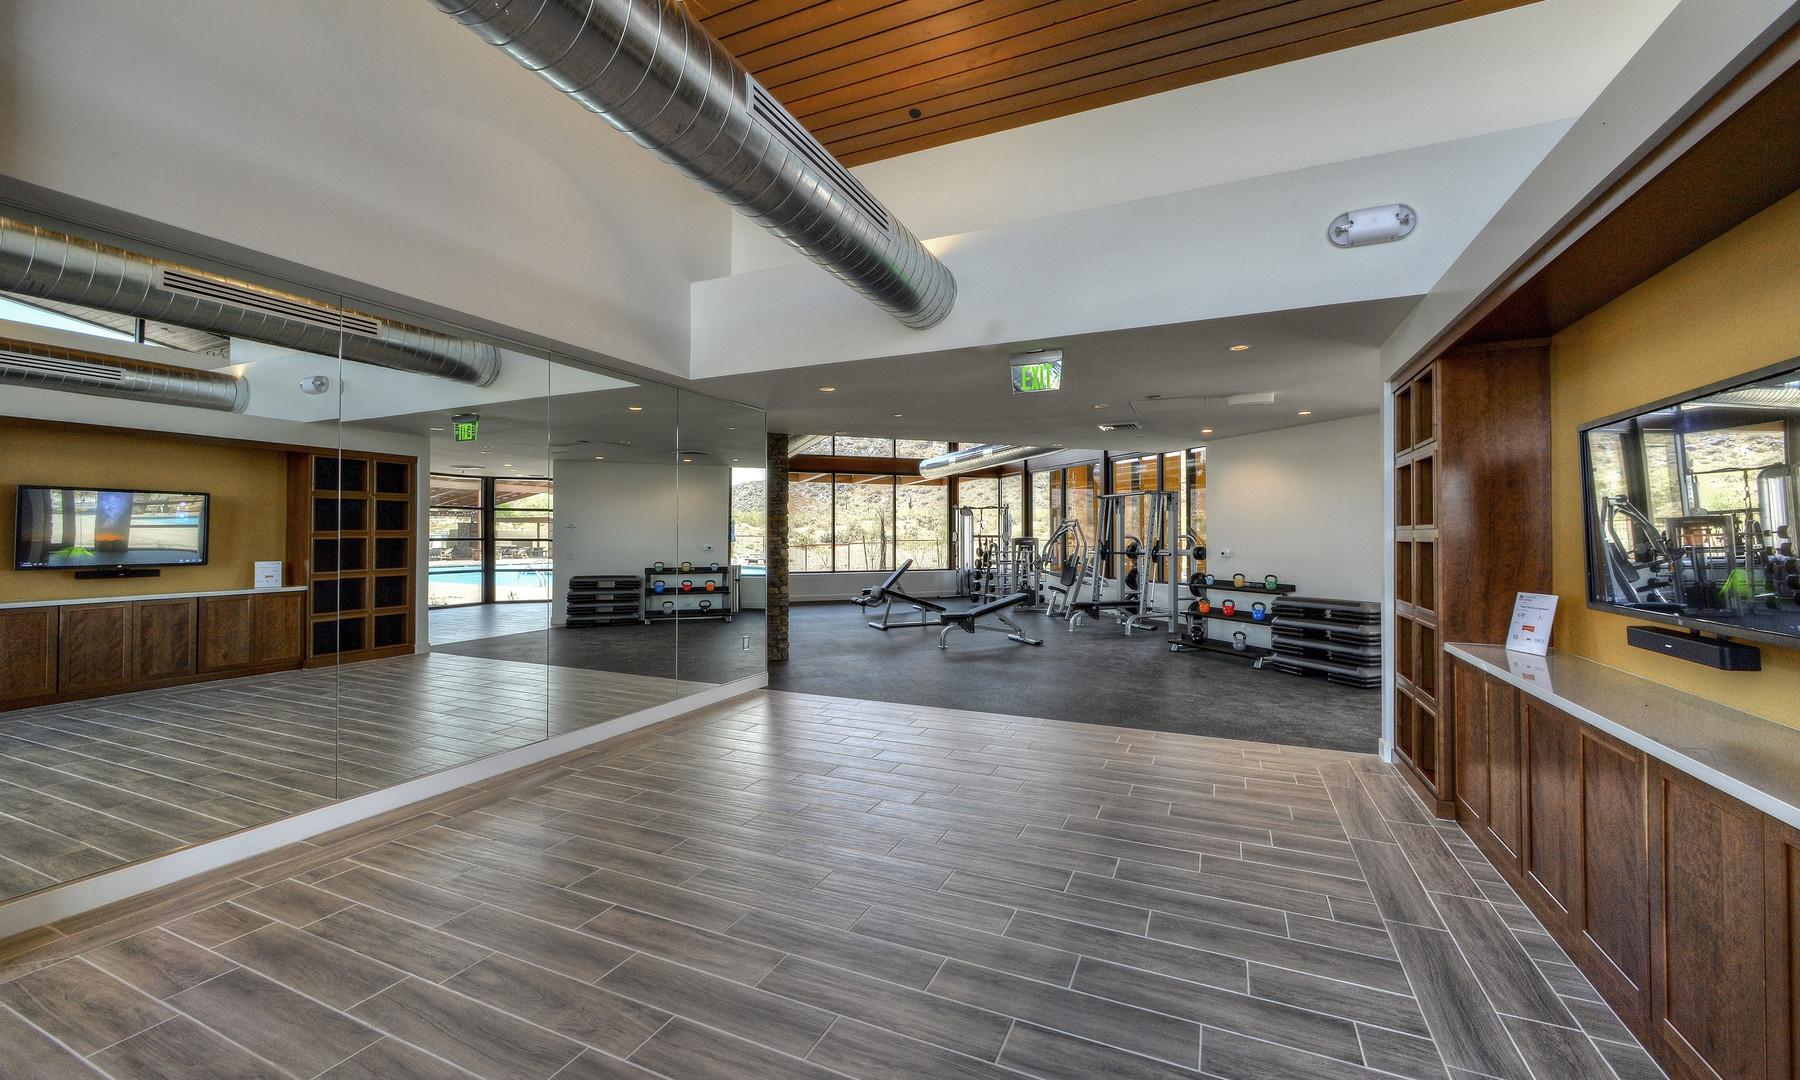 014_Fitness Center.jpg